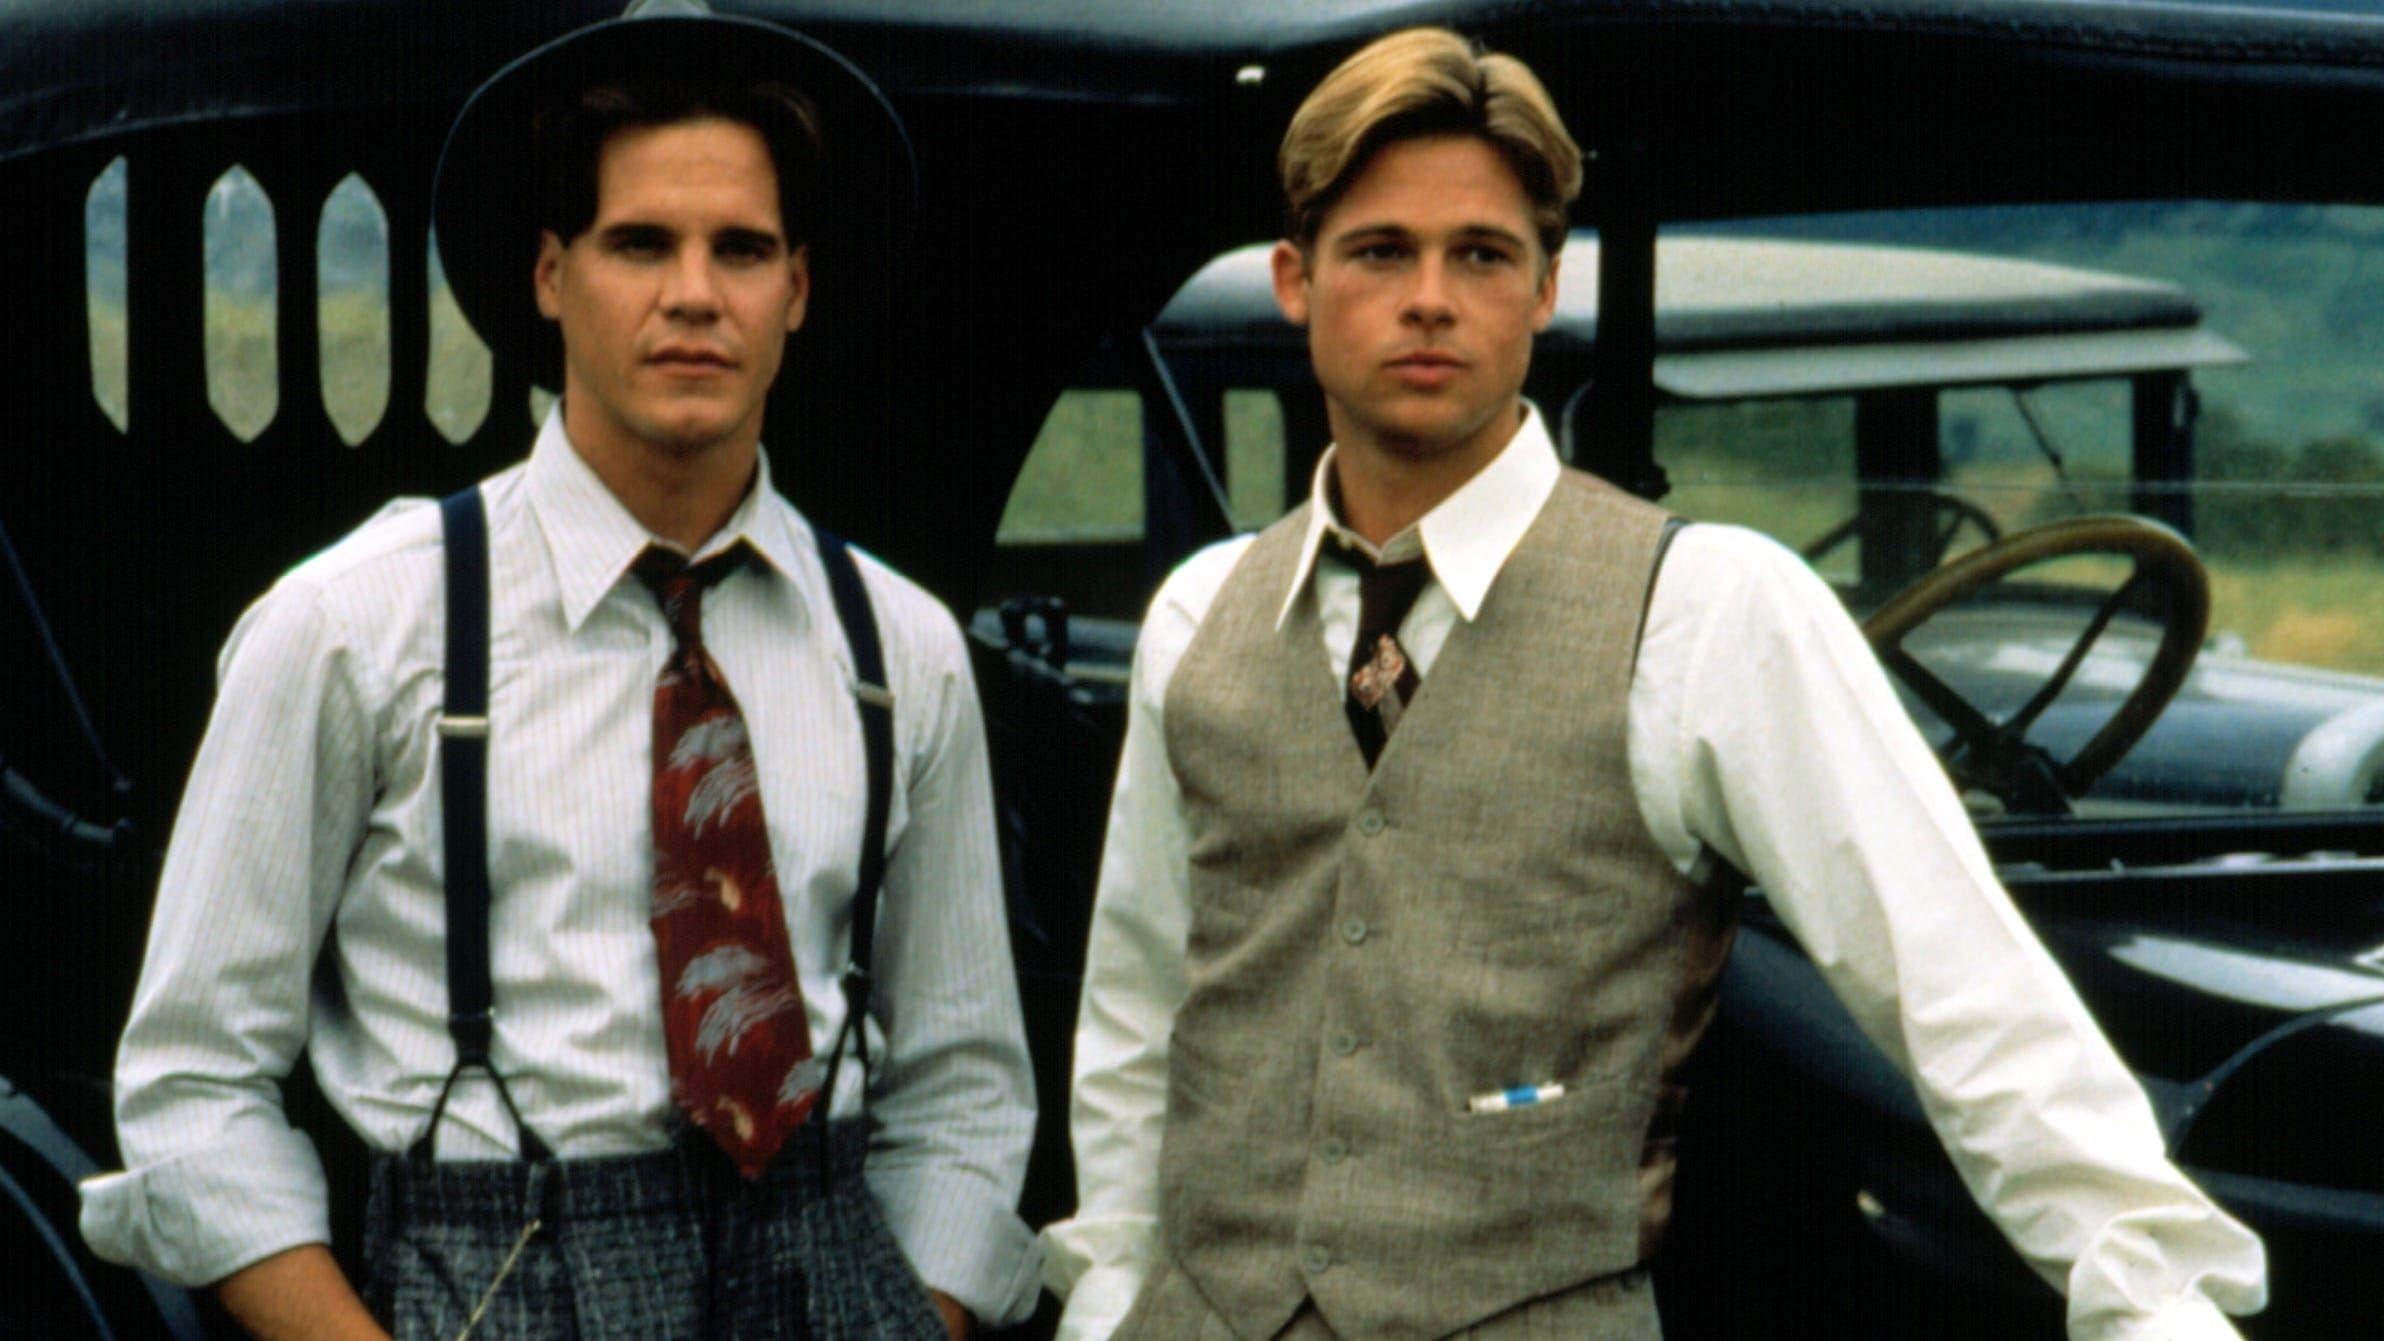 Sehen Aus Der Mitte Entspringt Ein Fluss 1992 Ganzer Film Stream Deutsch Komplett Online Aus Der Mitte Entspr Brad Pitt Peliculas De Brad Pitt Peliculas Tristes